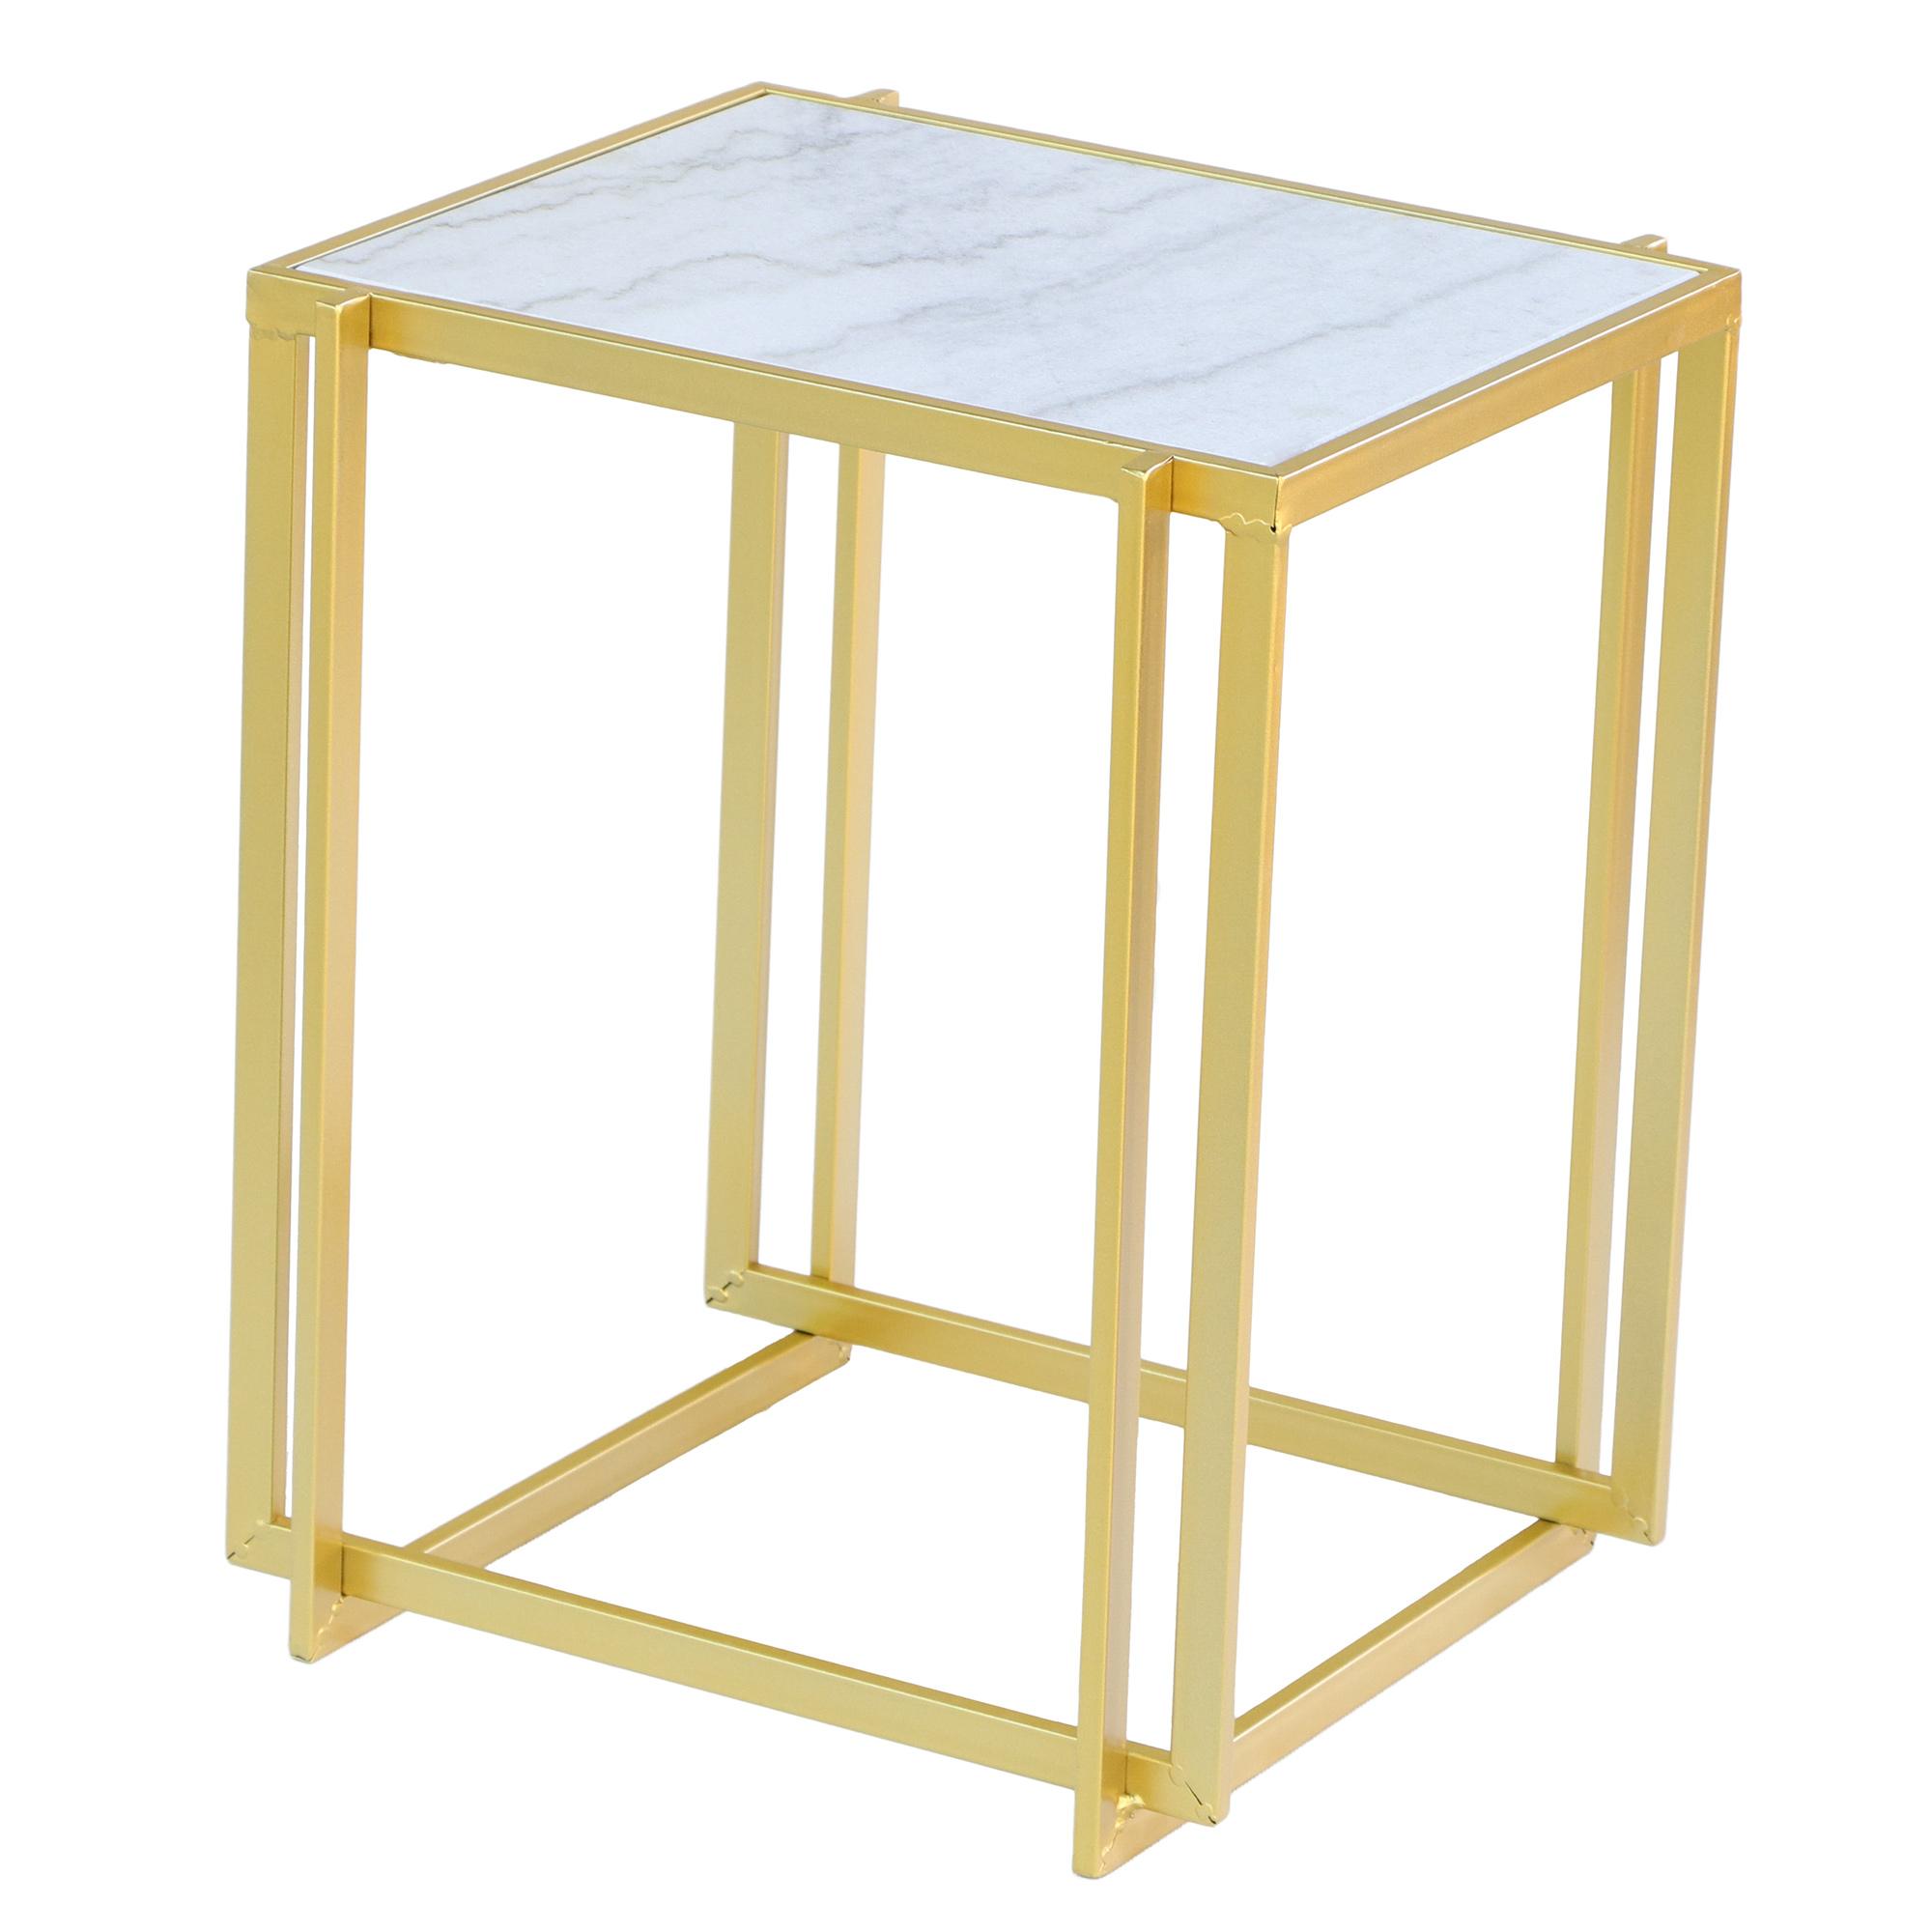 Фото - Столик приставной Glasar 41х37х50 см столик приставной glasar серебристого цвета с золотыми птичками на ветке 43x43x71 см